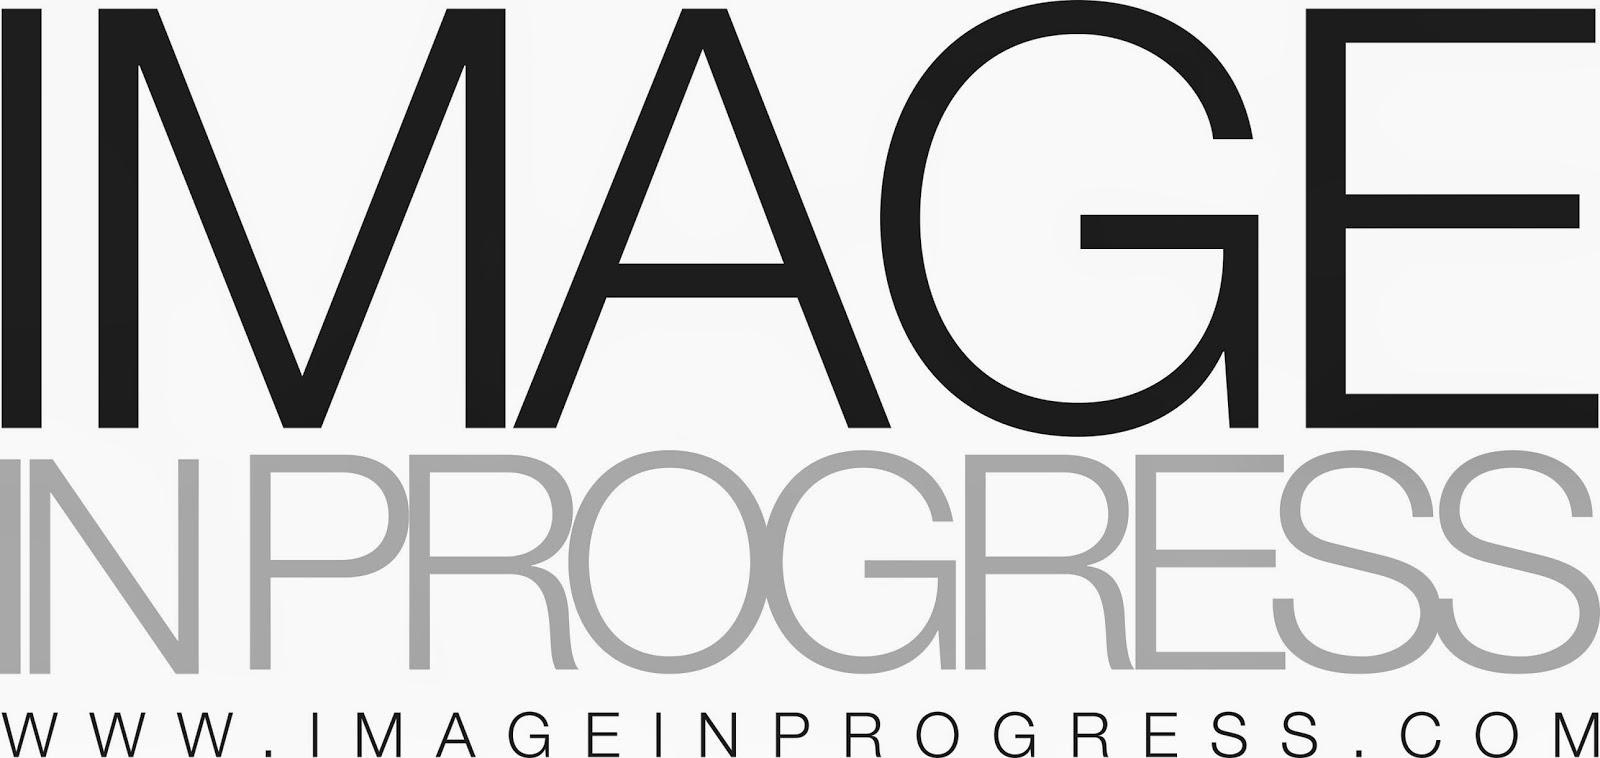 http://www.imageinprogress.com/